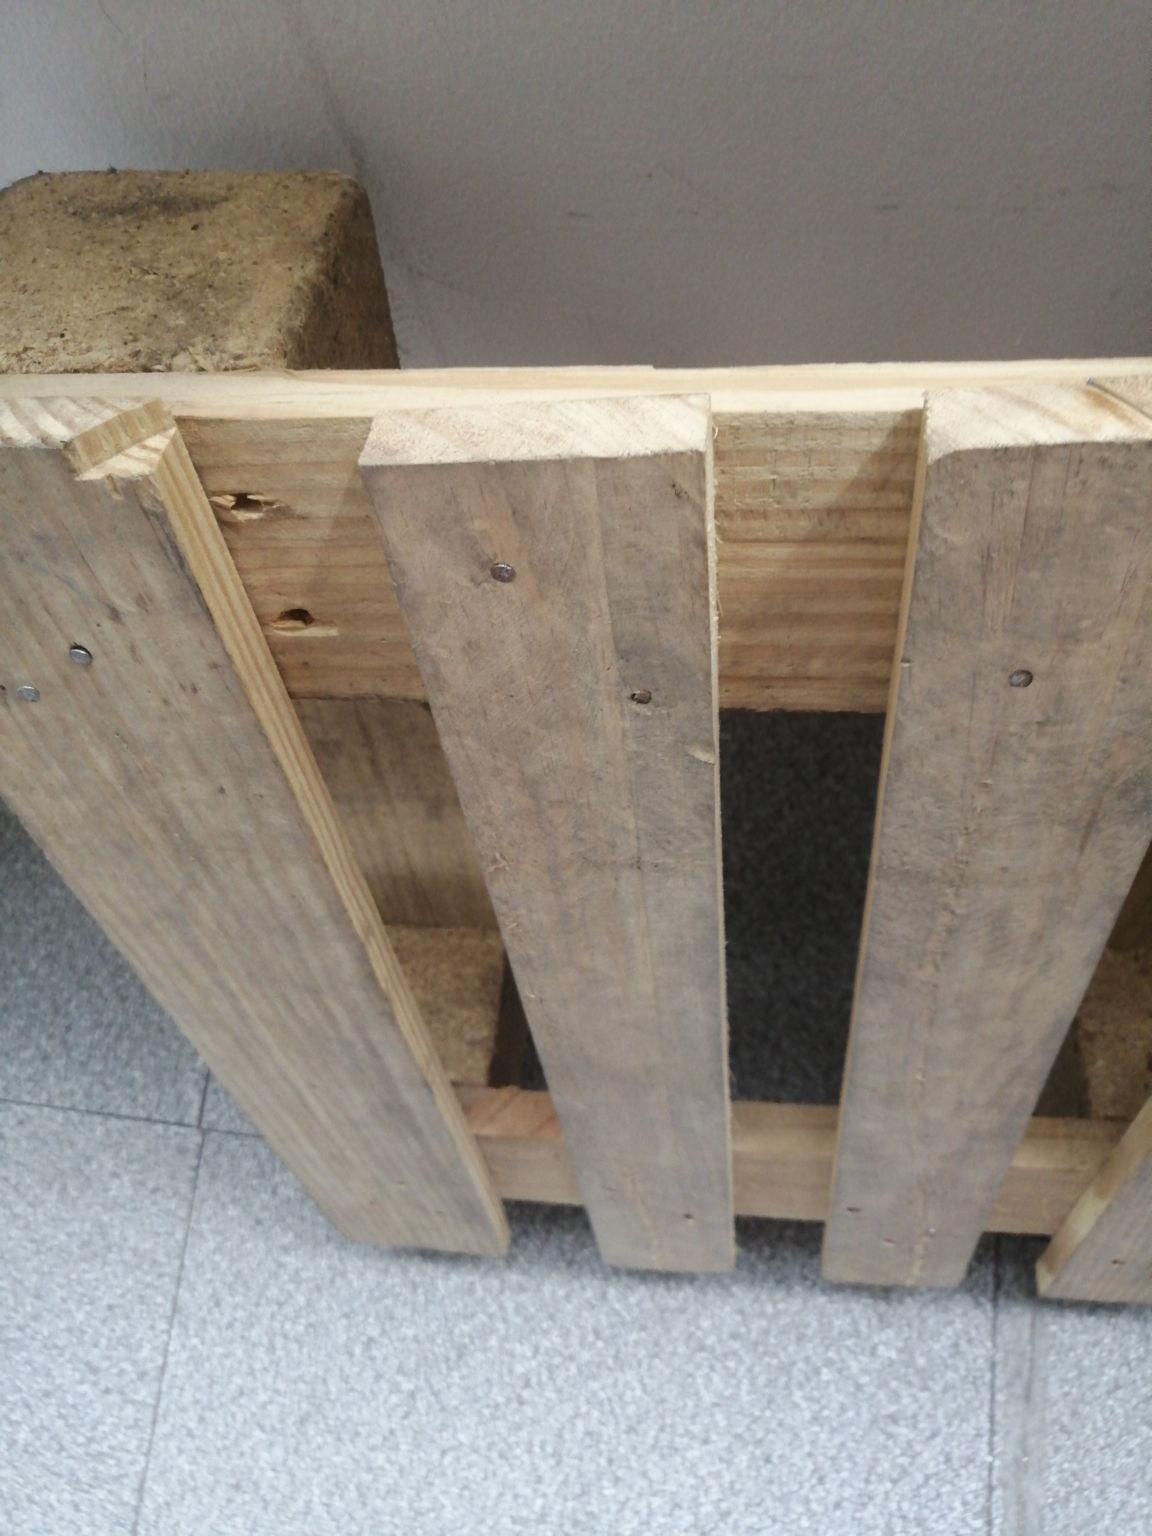 淮南松木舞台地板品�,▩♀❖∑ - 专业服务/工程/解决方案